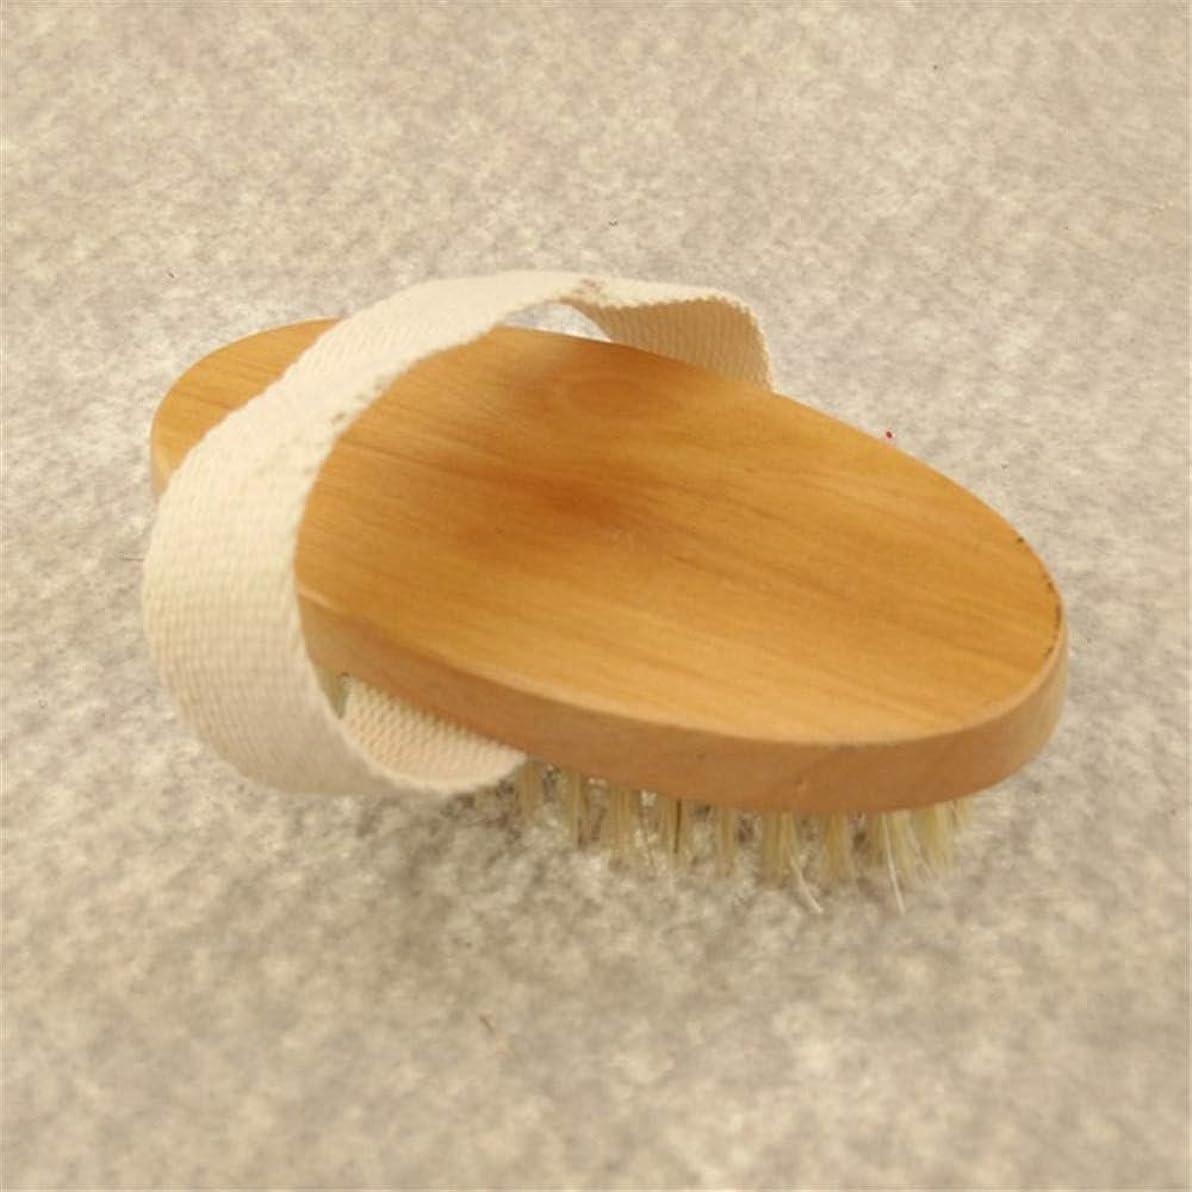 マディソン修復りYMBJGSXYS 女性のボディーブラシ天然木の入浴剤